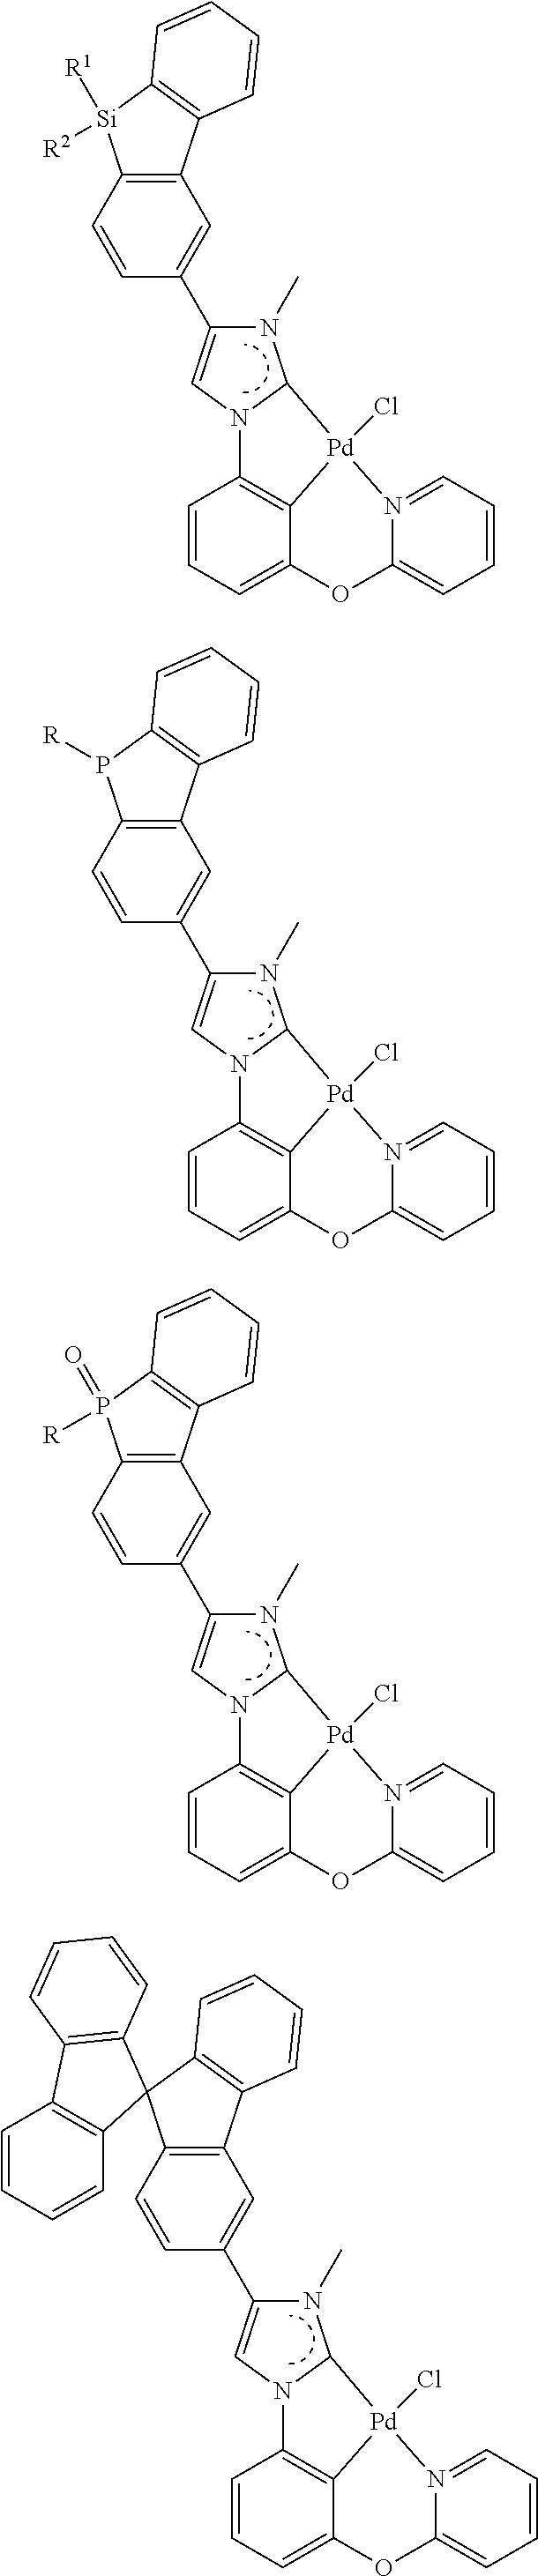 Figure US09818959-20171114-C00543